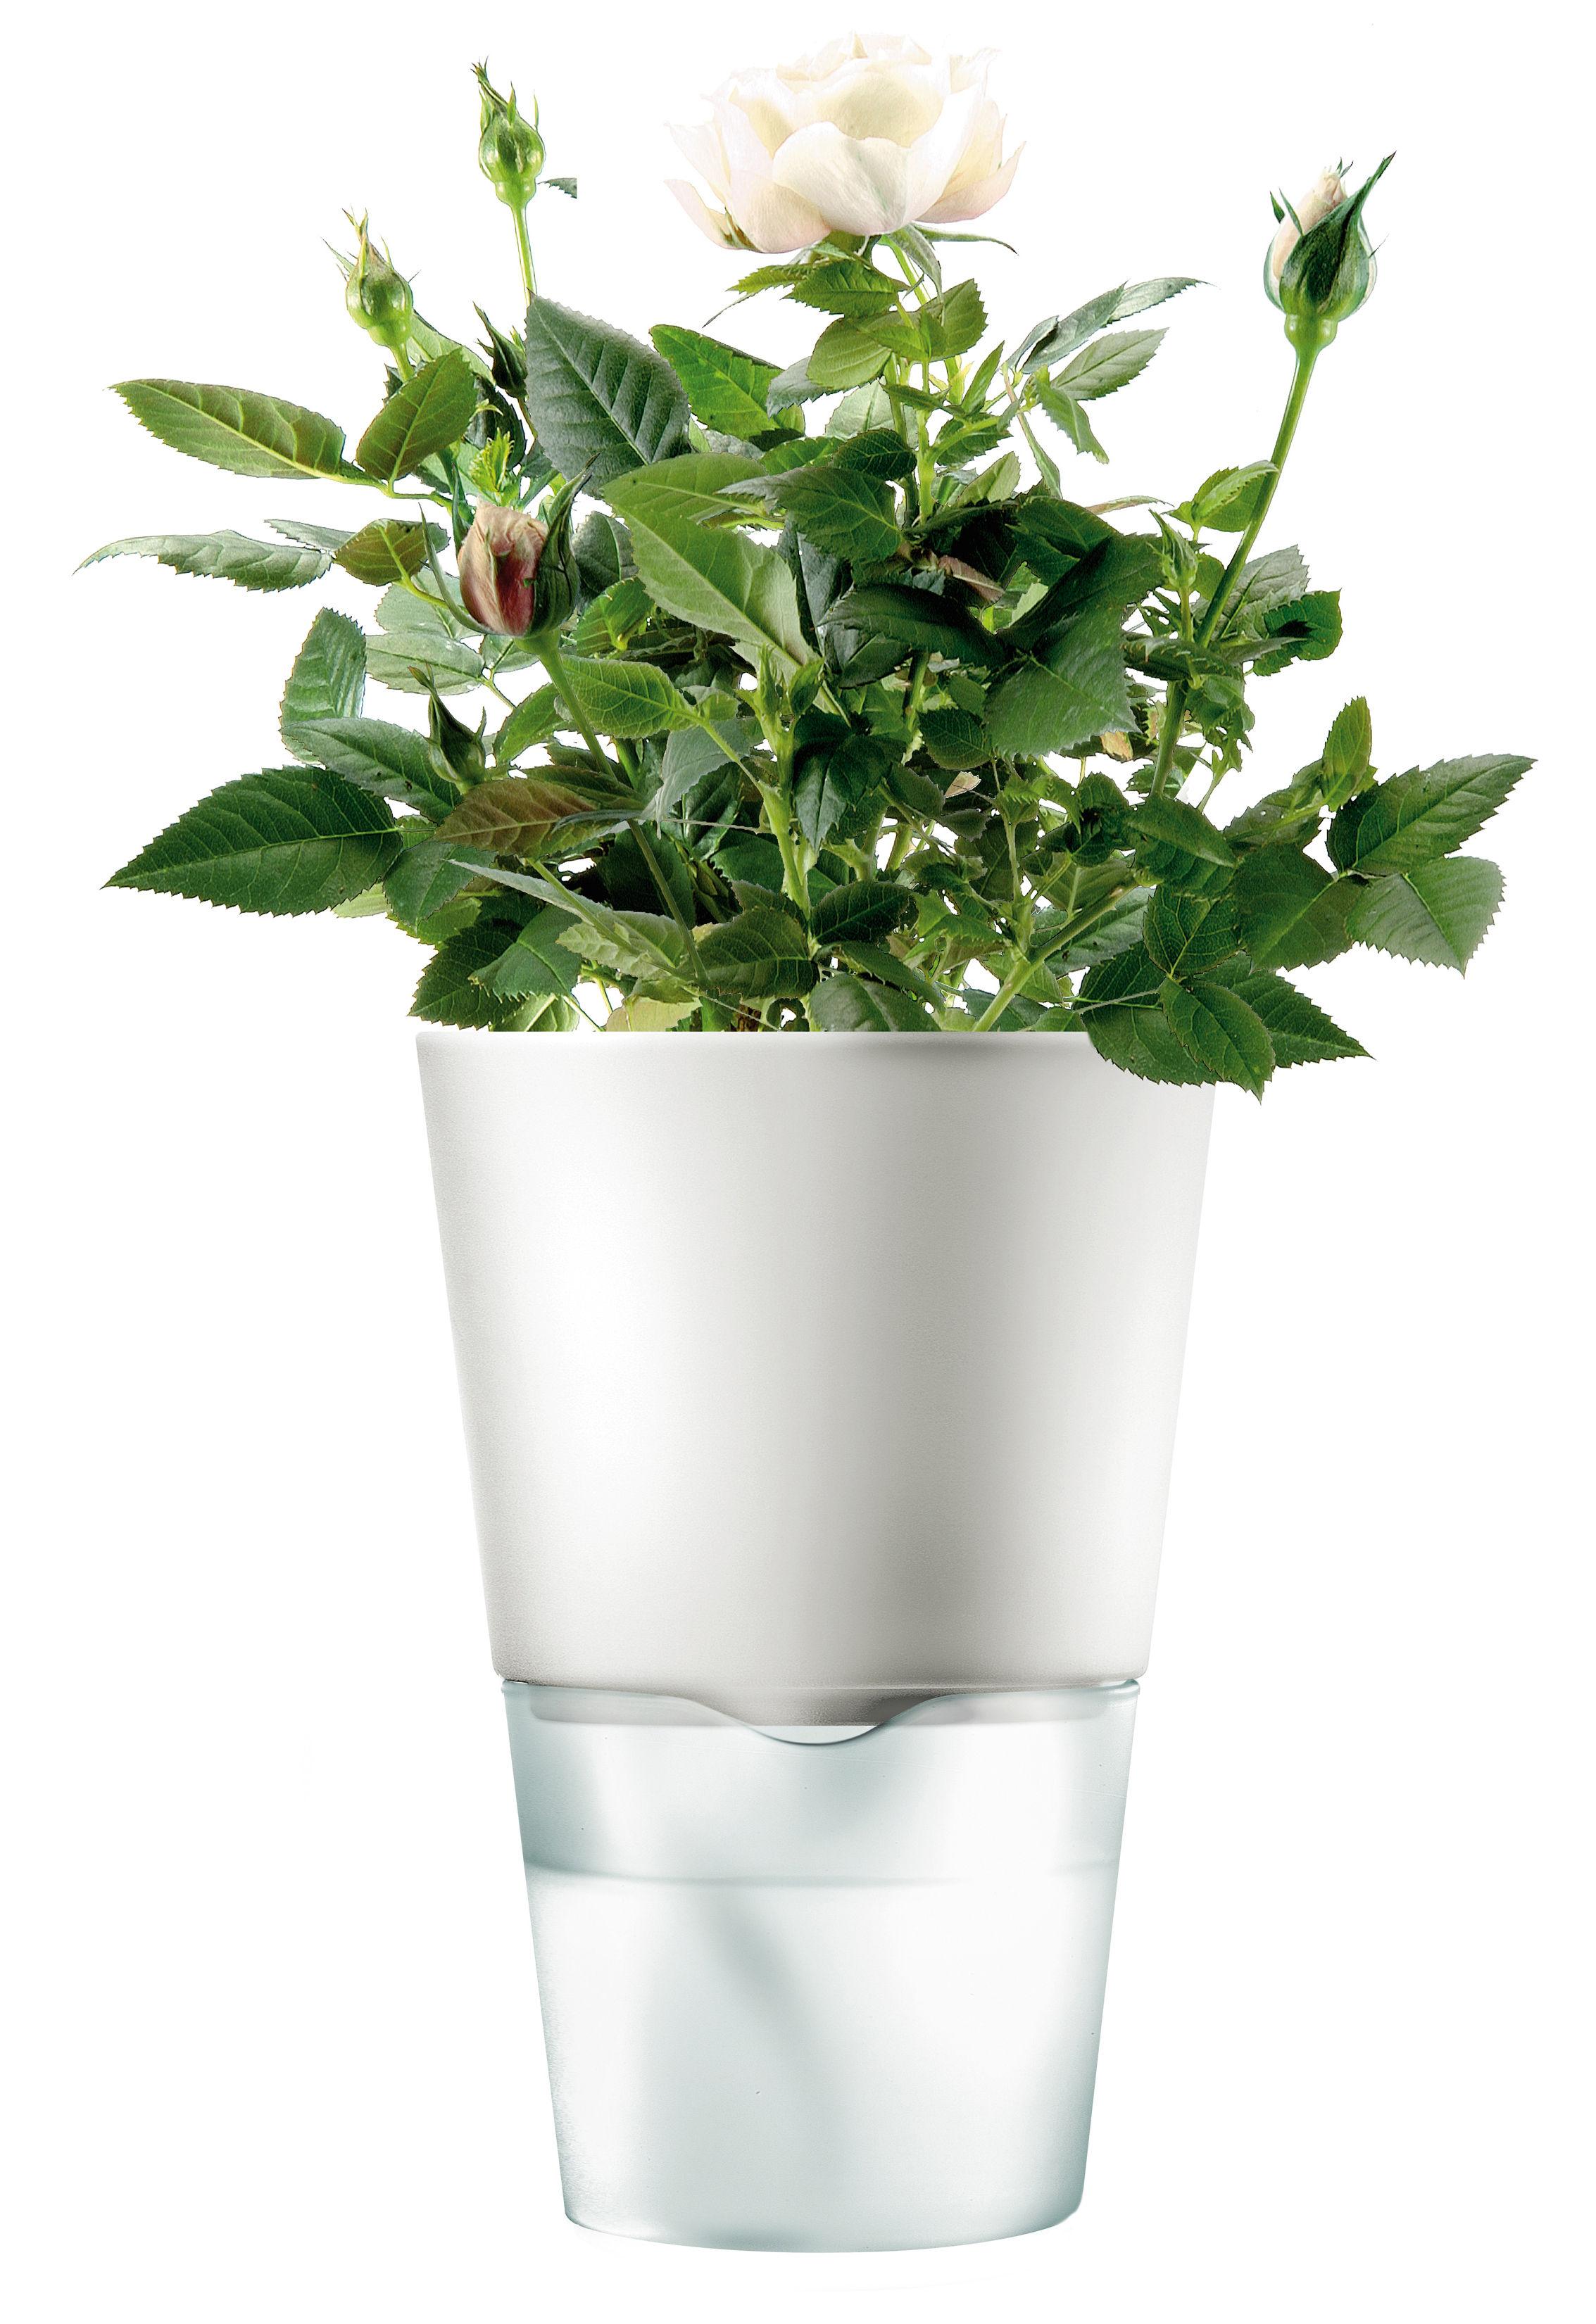 Cuisine - Pratique & malin - Pot à réserve d'eau / Ø 11 cm - Version céramique - Eva Solo - Petit - Blanc - Céramique, Verre